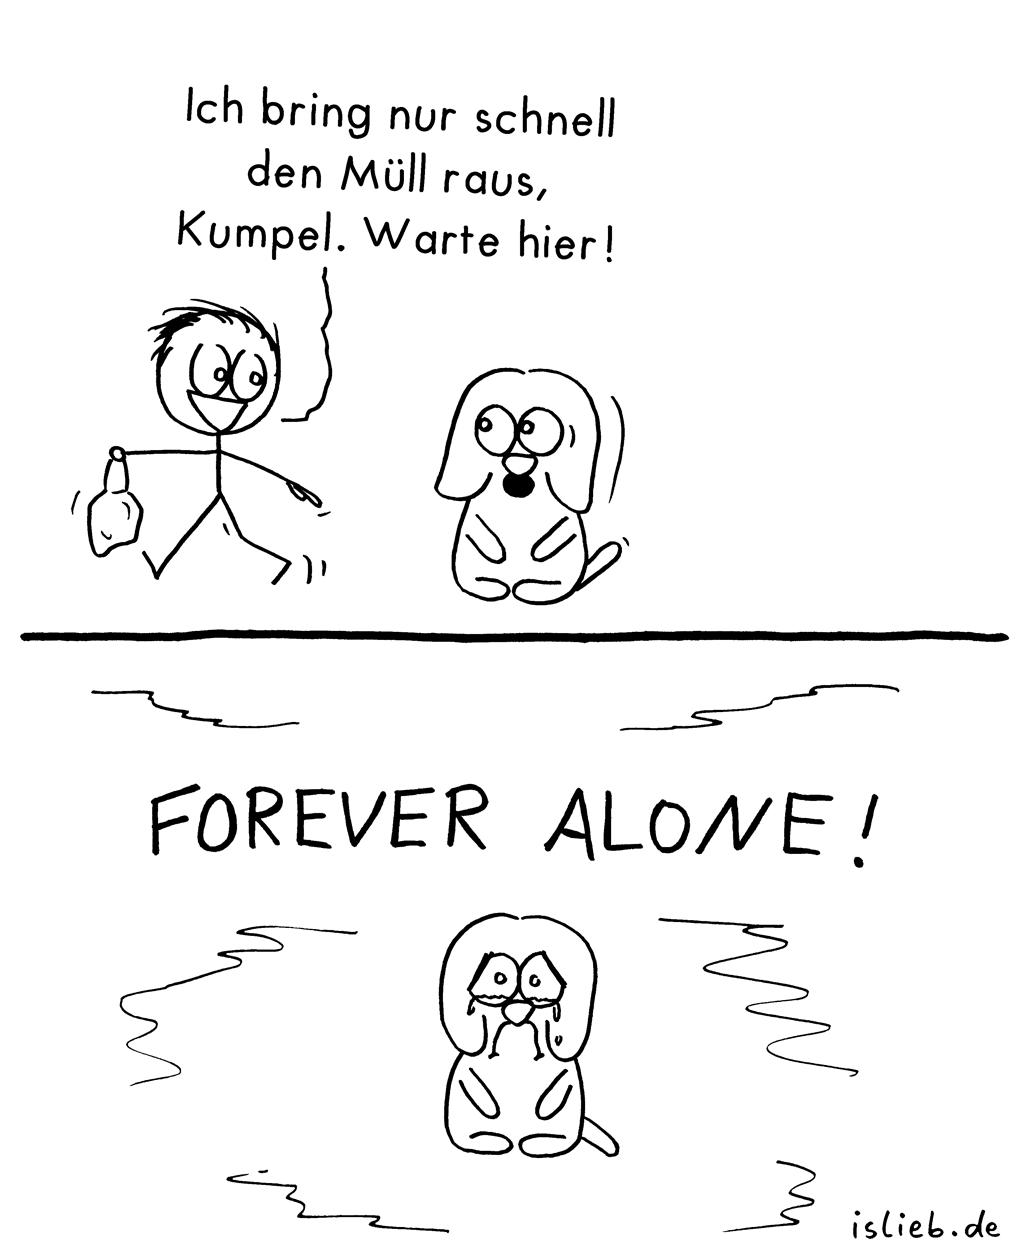 Warte hier | Hunde-Comic | is lieb? | Ich bring nur schnell den Müll raus Kumpel. Warte hier! Forever alone! Hunde, Haustier, Single, verlassen, Einsamkeit, Tiere